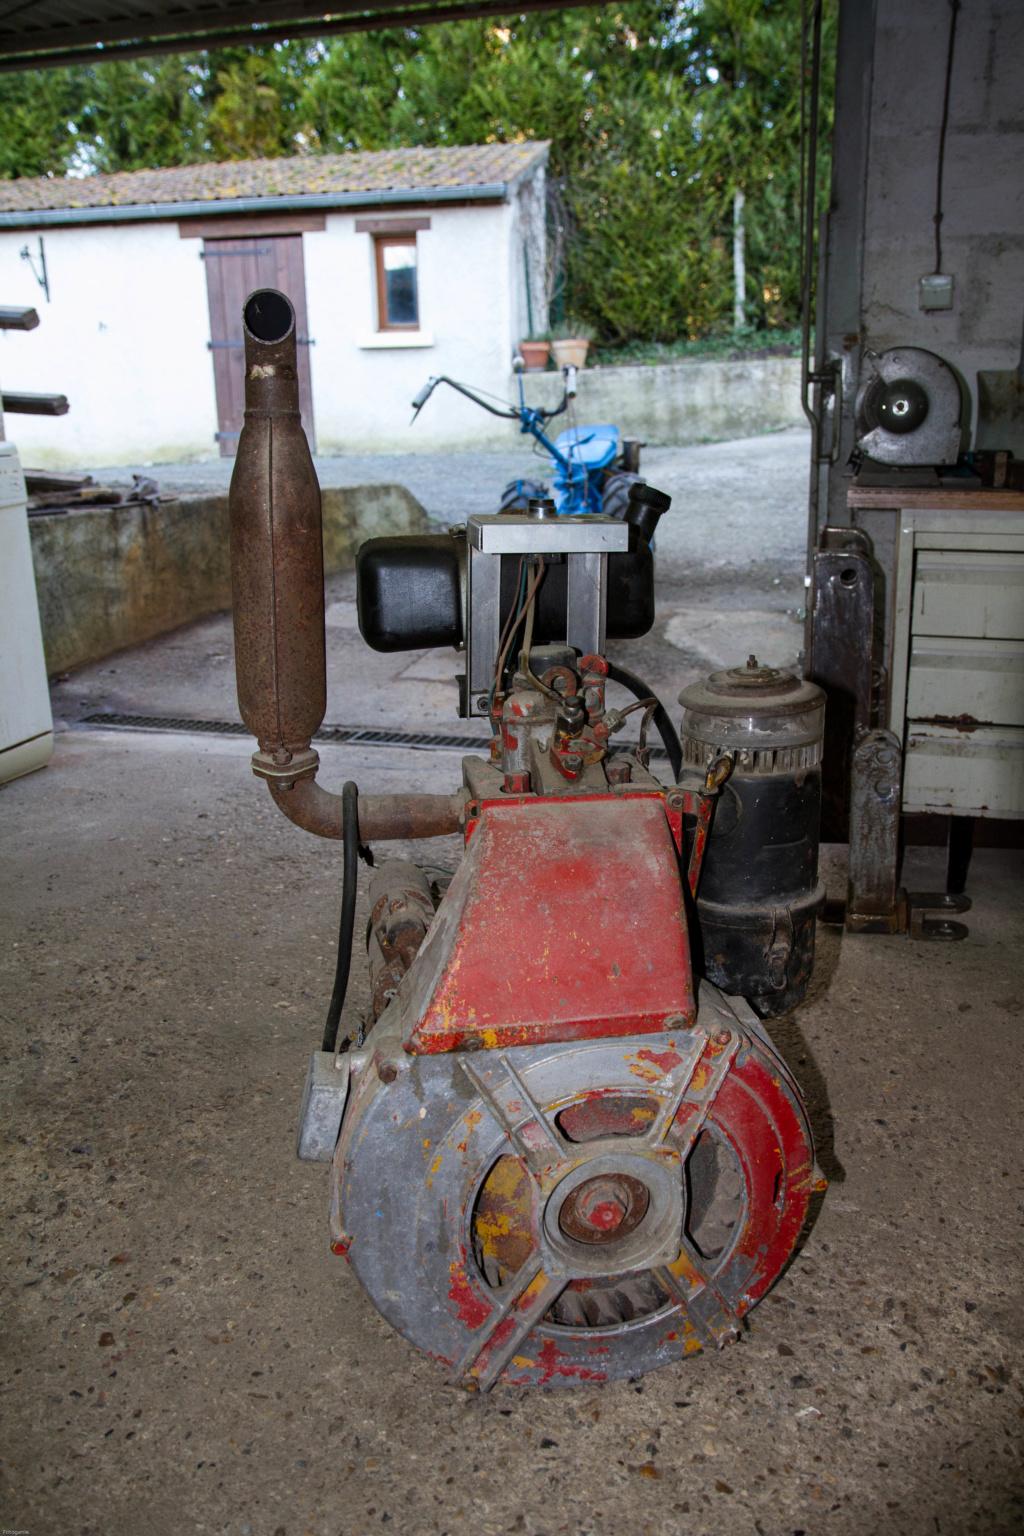 ( Vends) : PPXS8 , PP2x , moteurs bernard et autres ... Img_9144